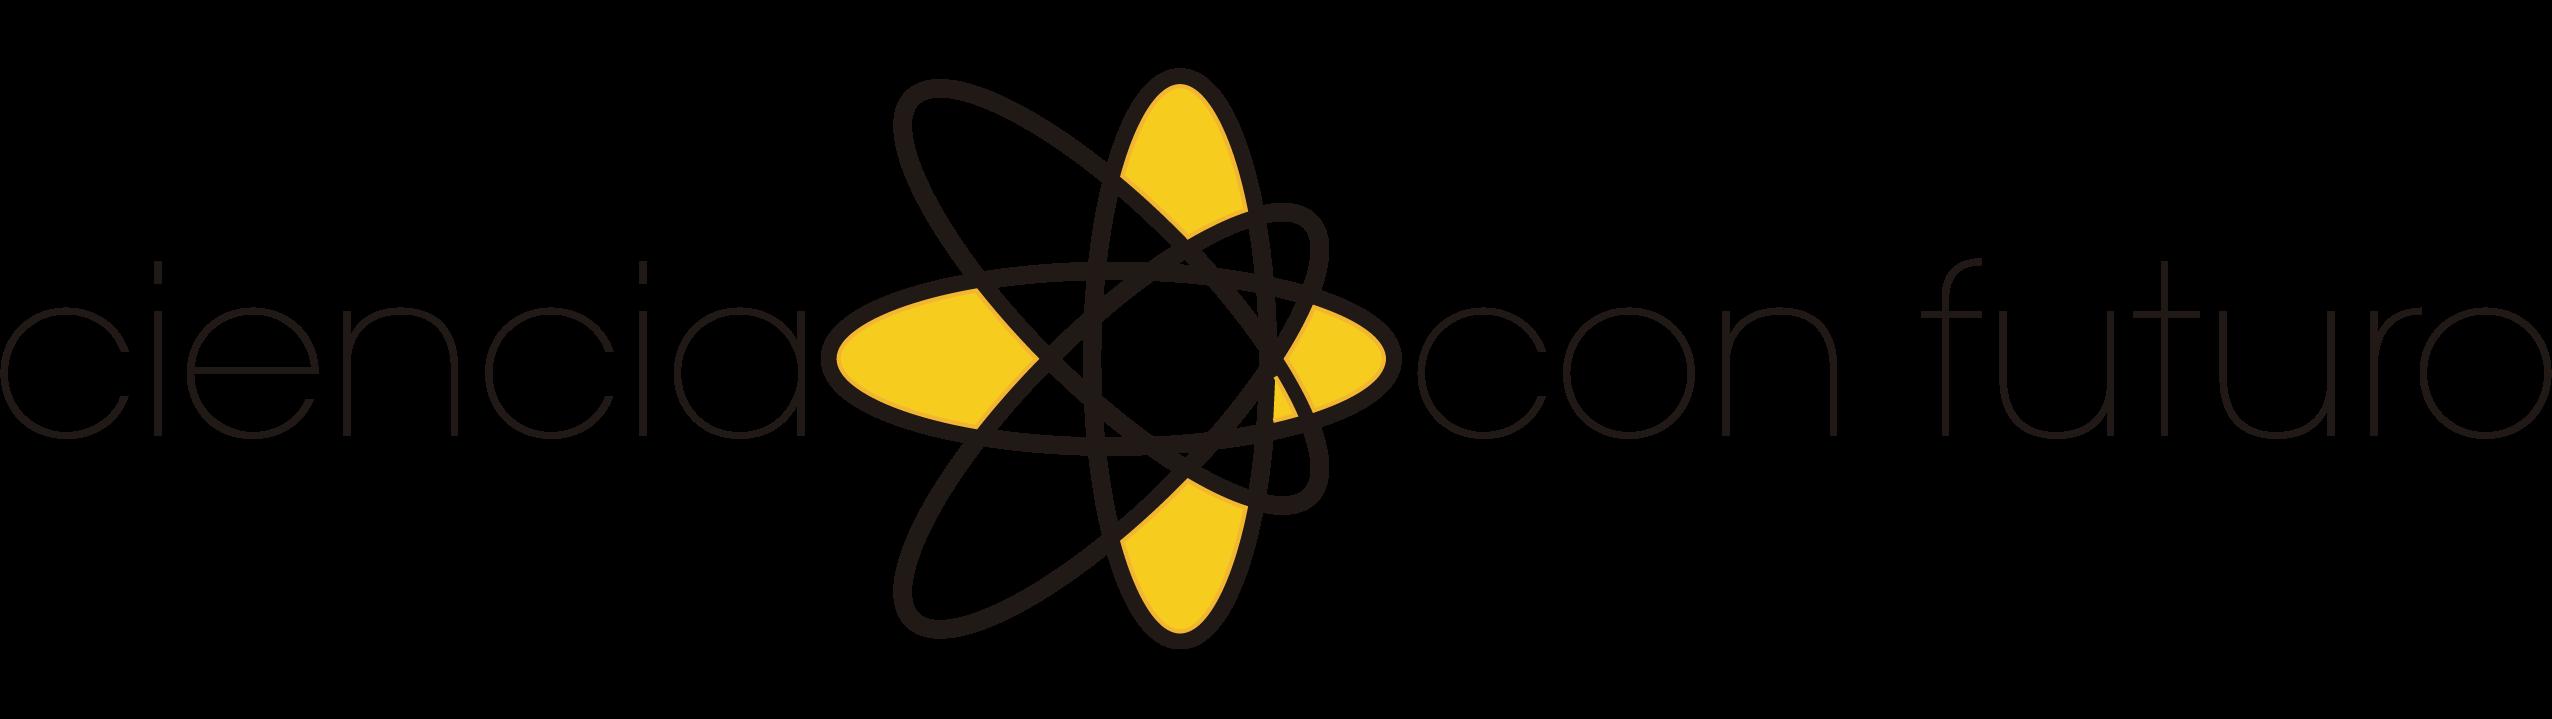 Ciencia con Futuro